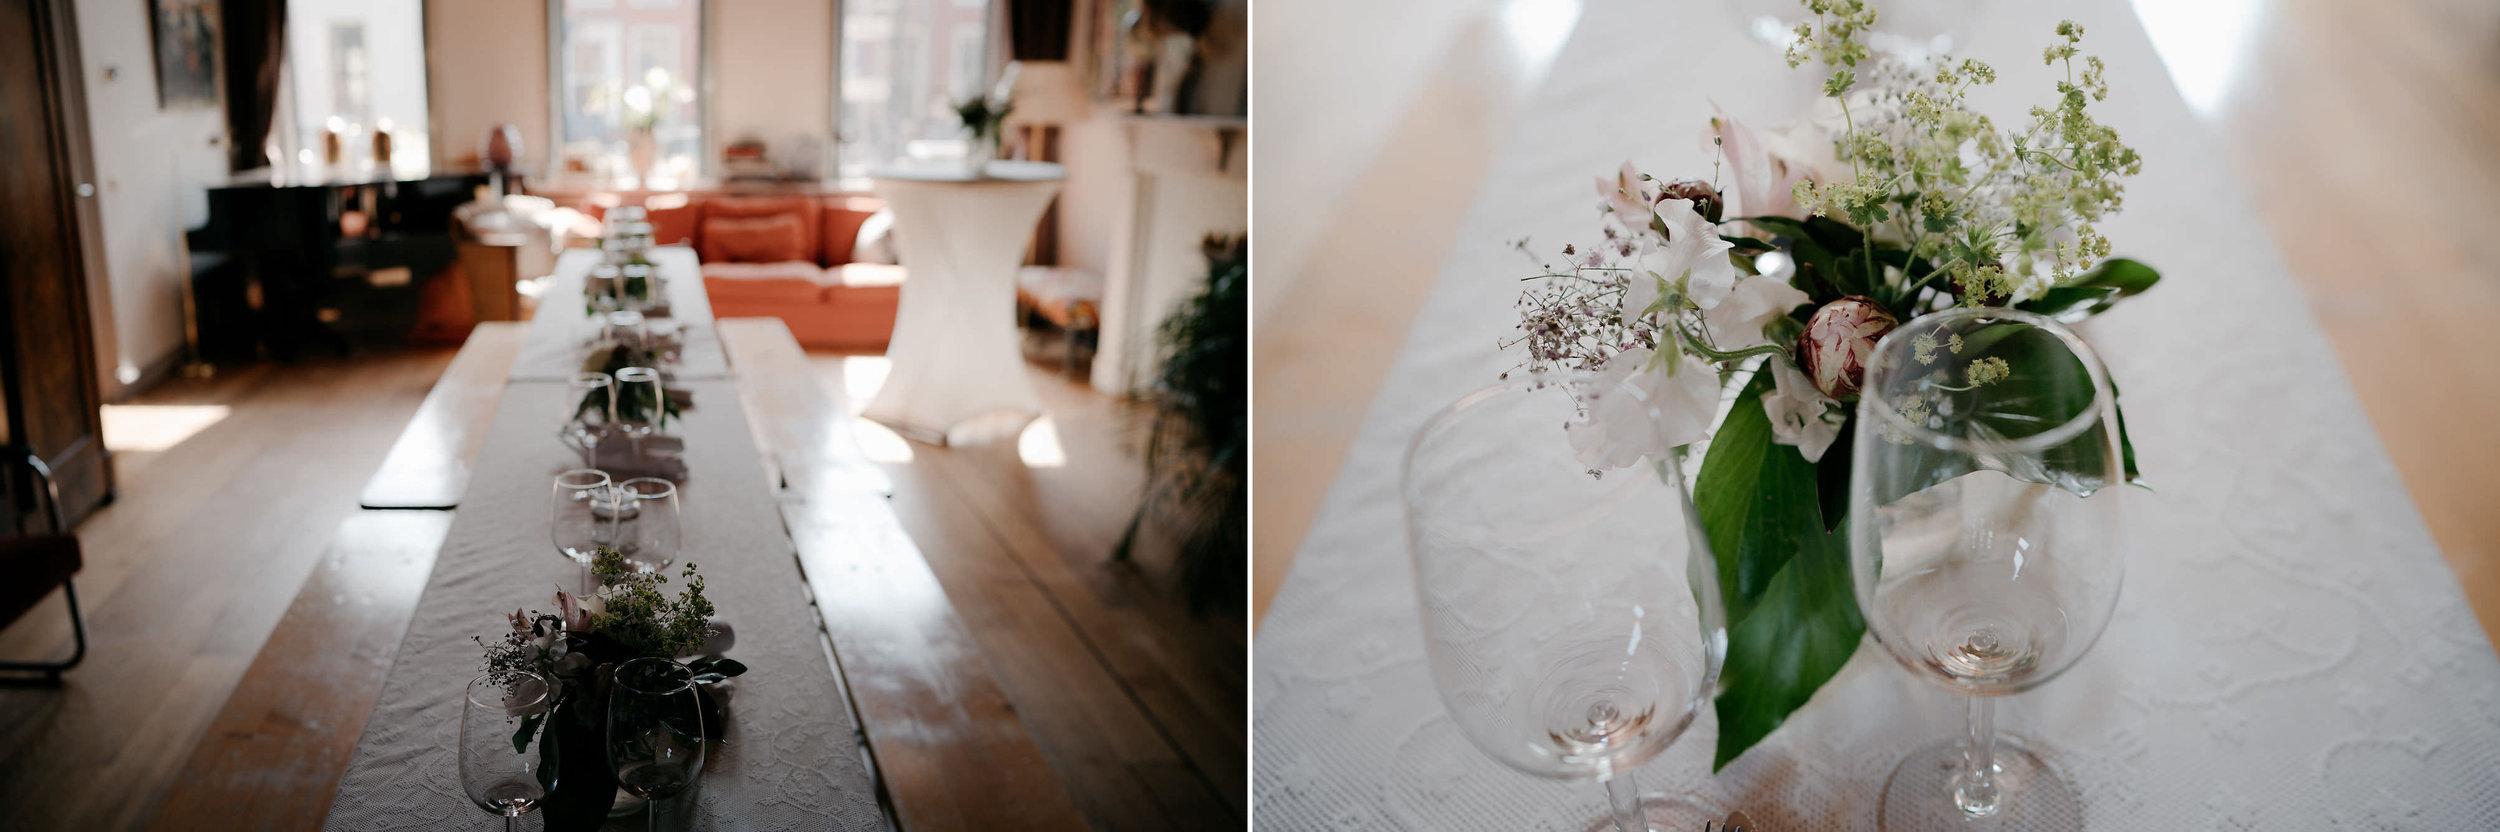 bruiloft receptie detail bloemen diner fotografie mark hadden